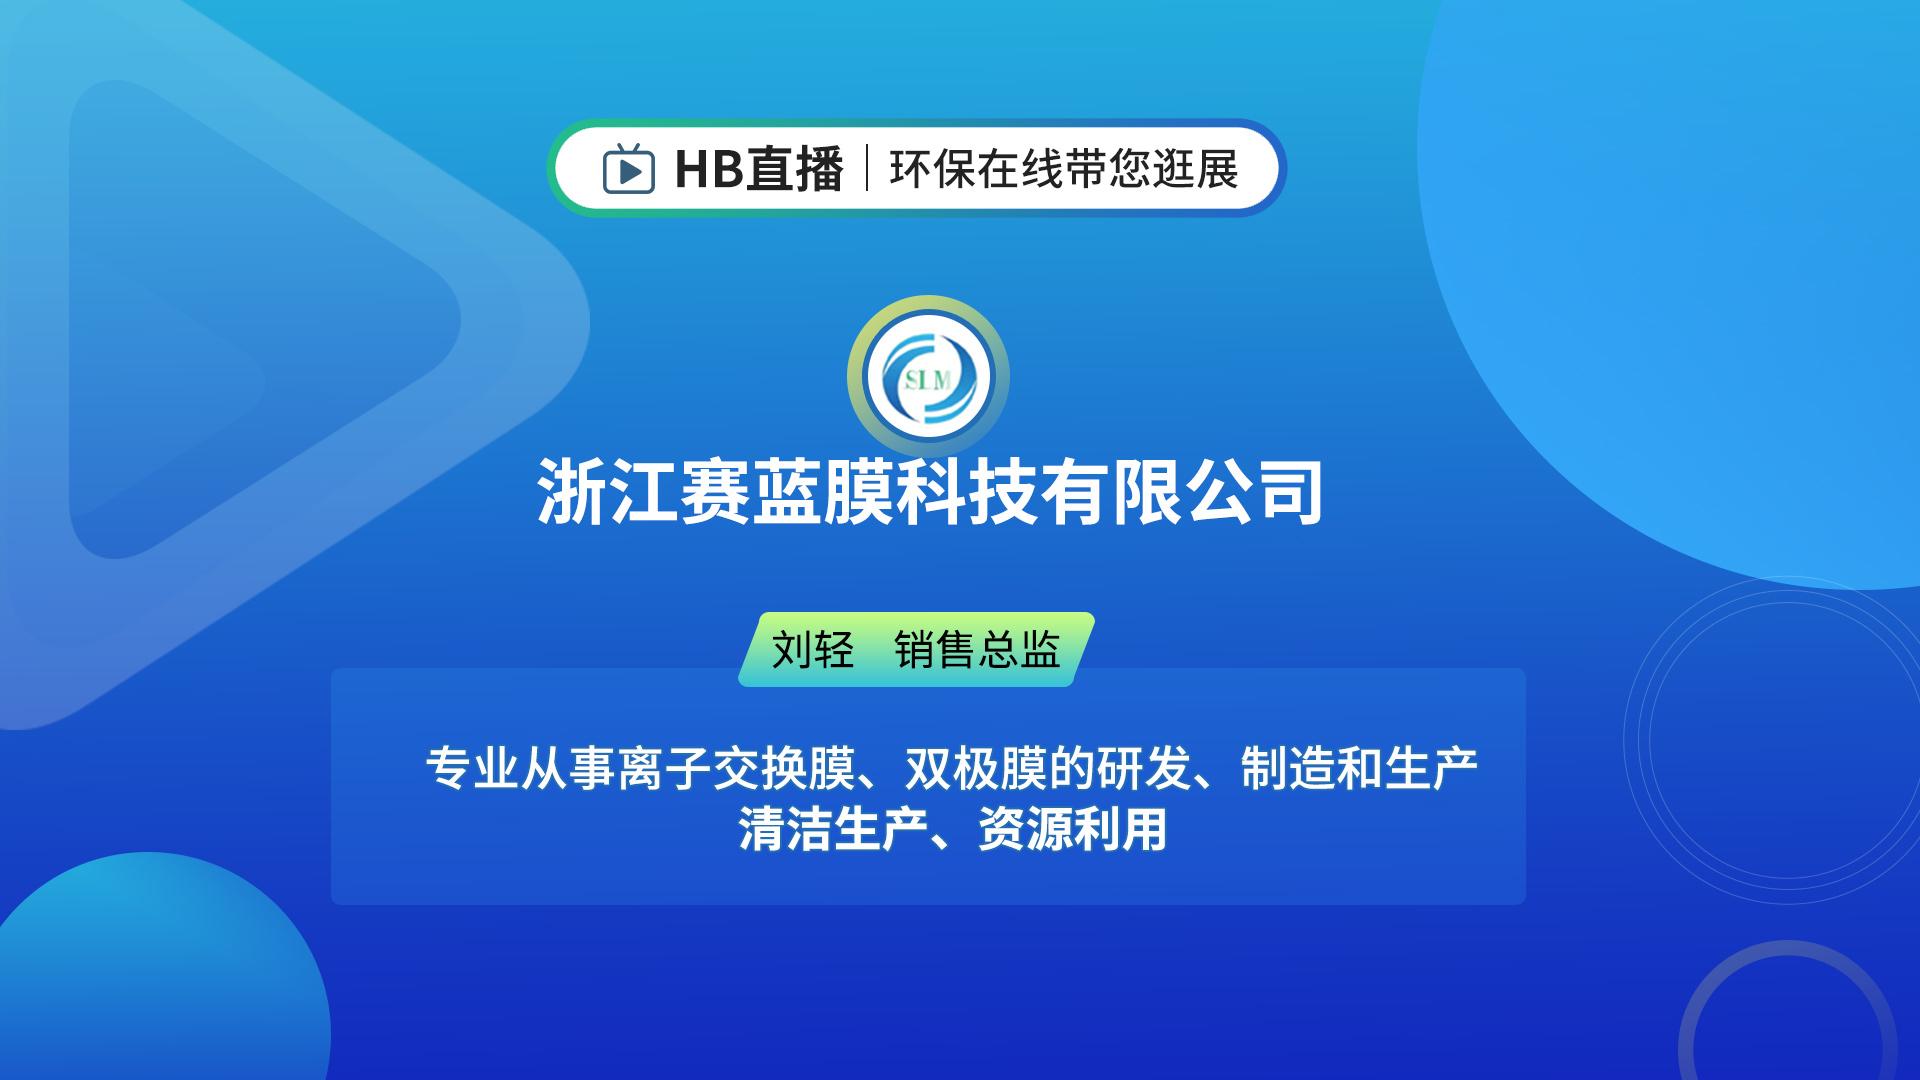 展位号W4馆C11 赛蓝膜邀您相约中国环博会